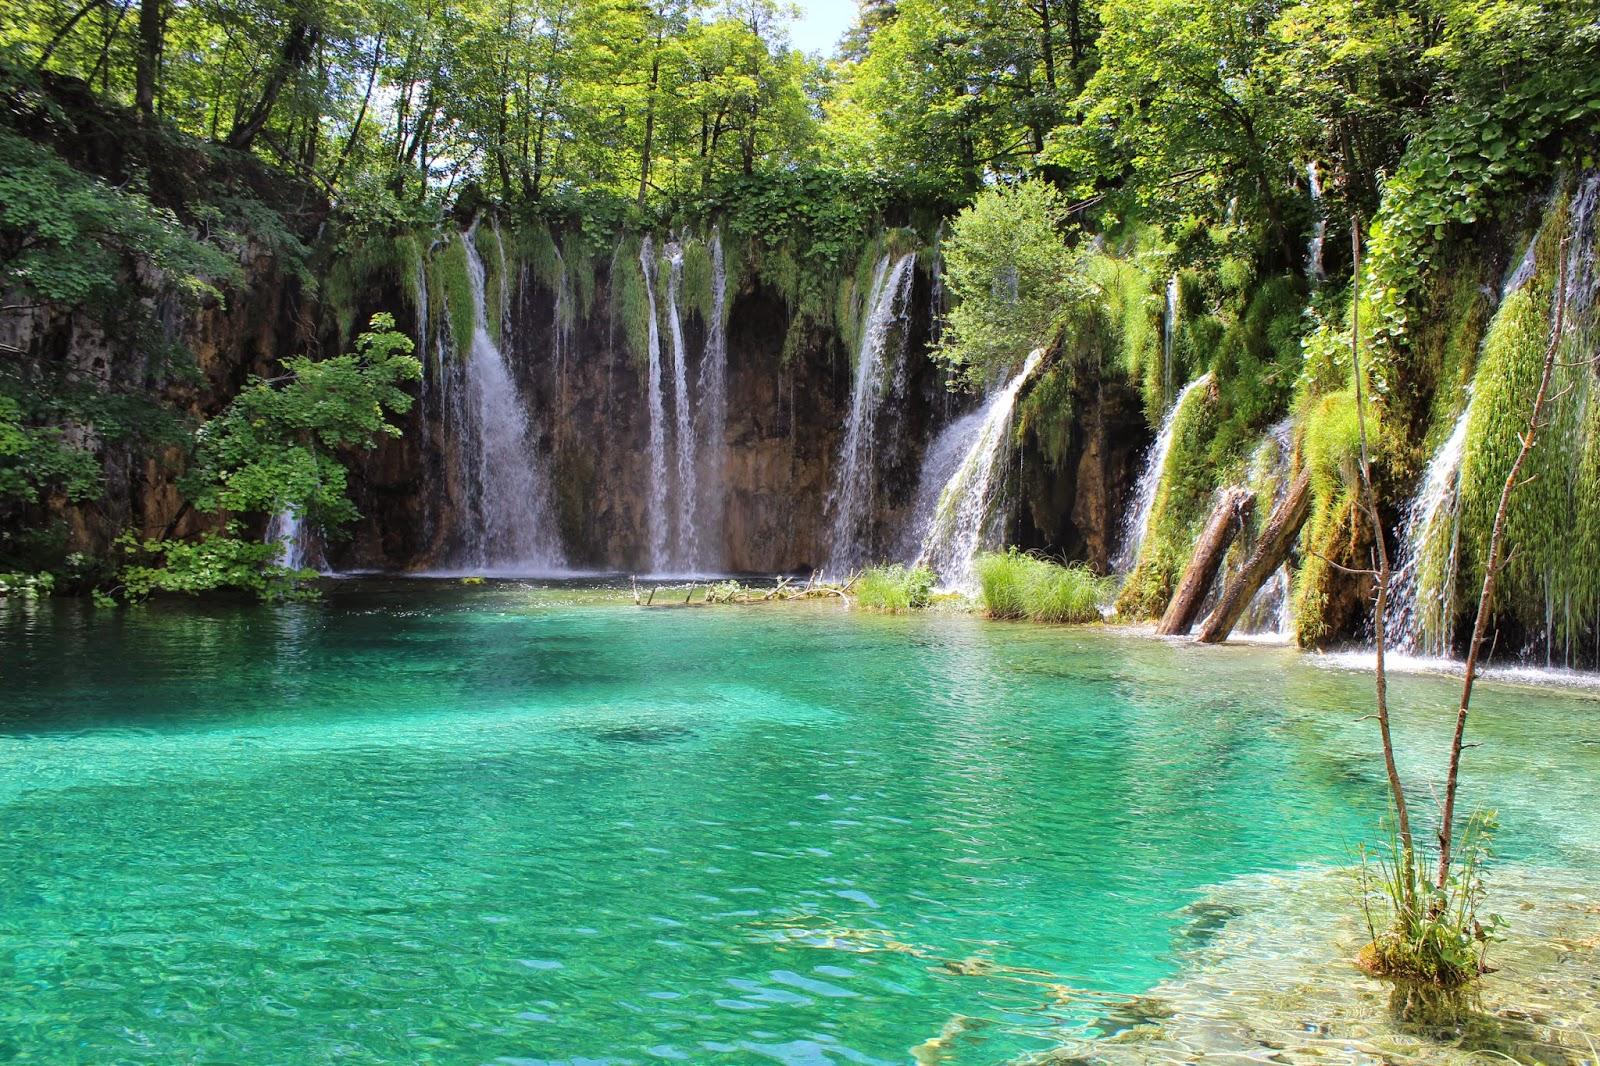 Mon voyage en croatie les tendances by marina blog mode d co voyage am - Endroit paradisiaque dans le monde ...